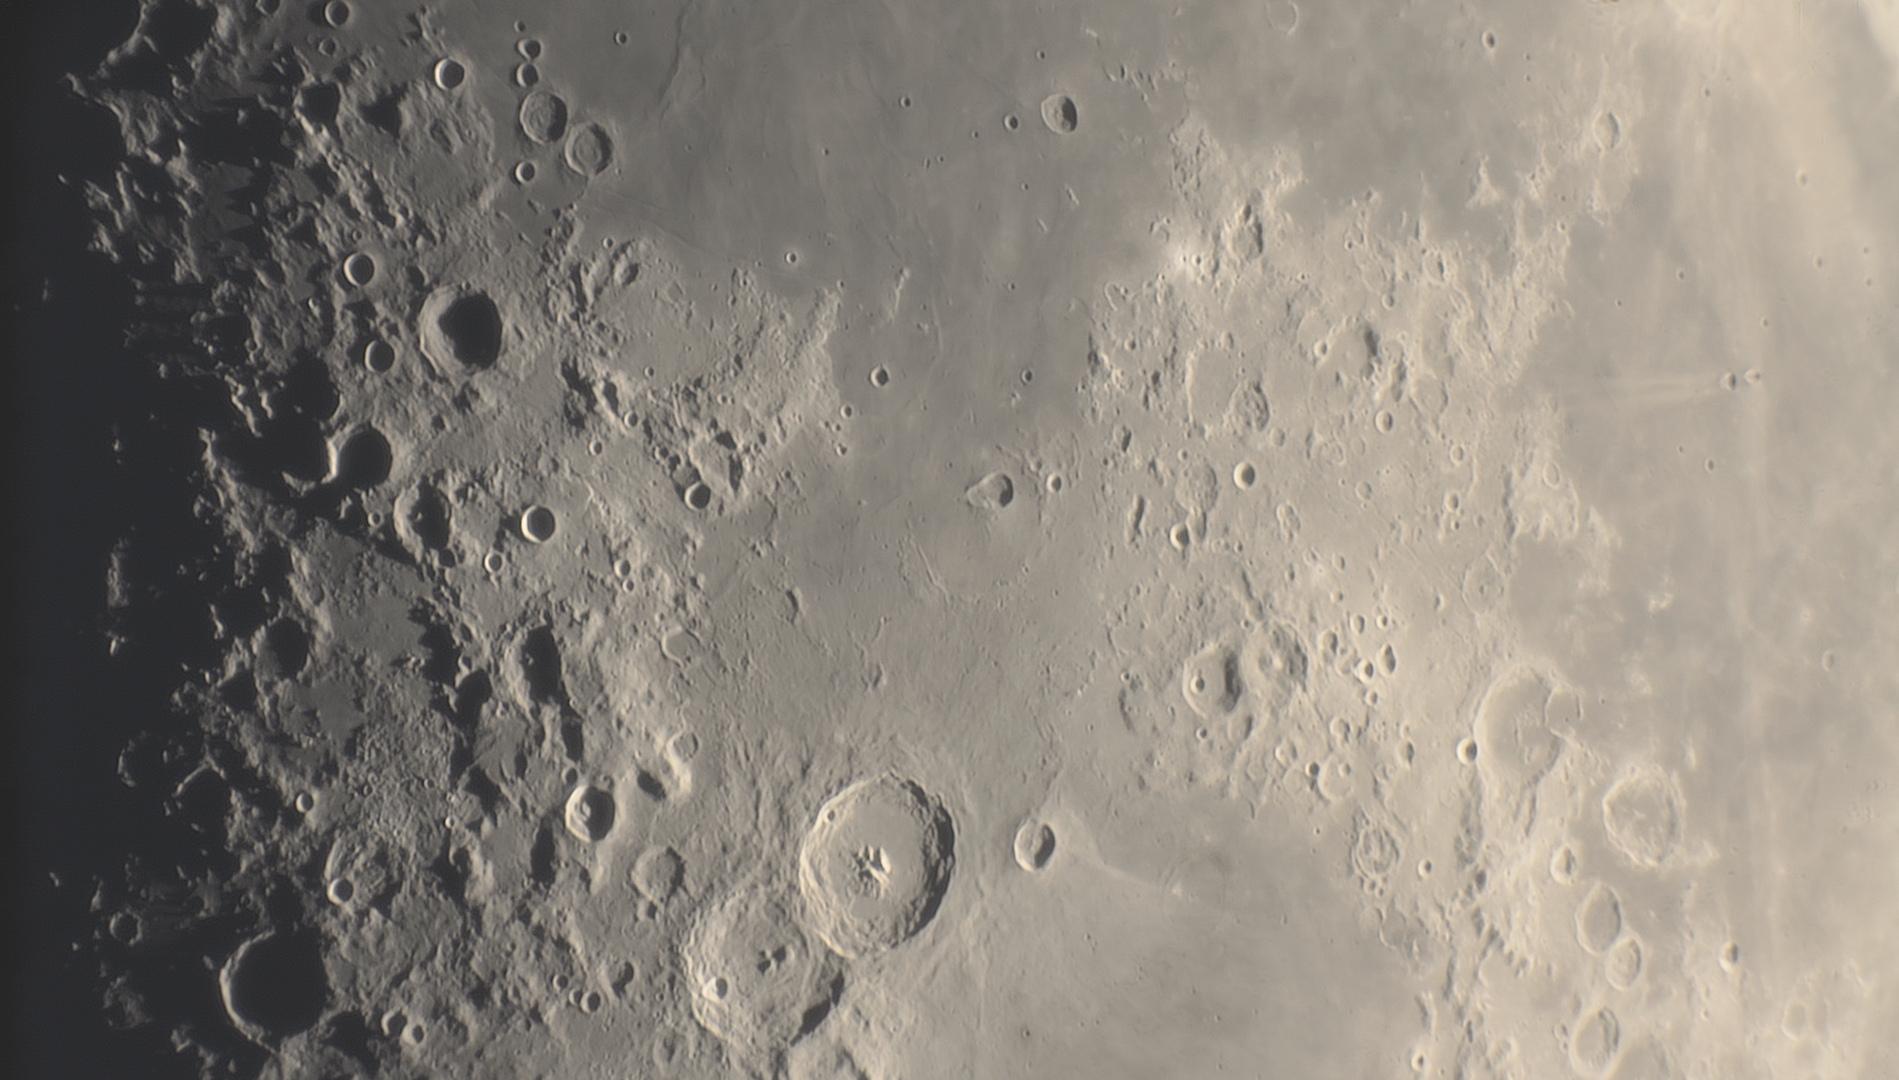 lune11.jpg.acbf062e3783929a79ee4409bd2232e2.jpg